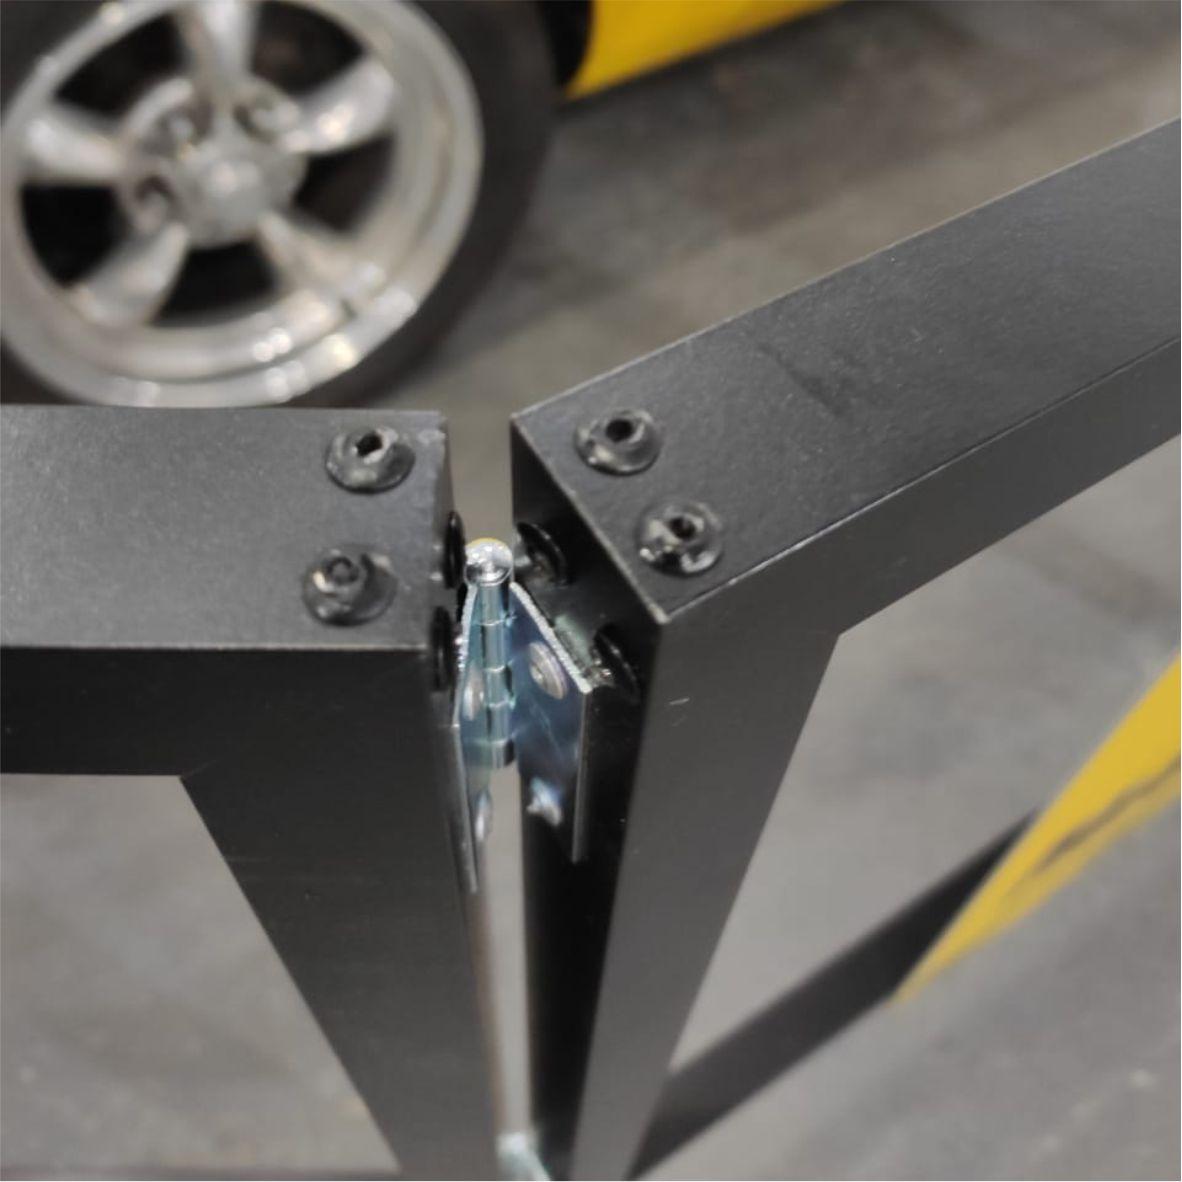 Cavalete biombo - Máquina interditada  - Towbar Sinalização de Segurança